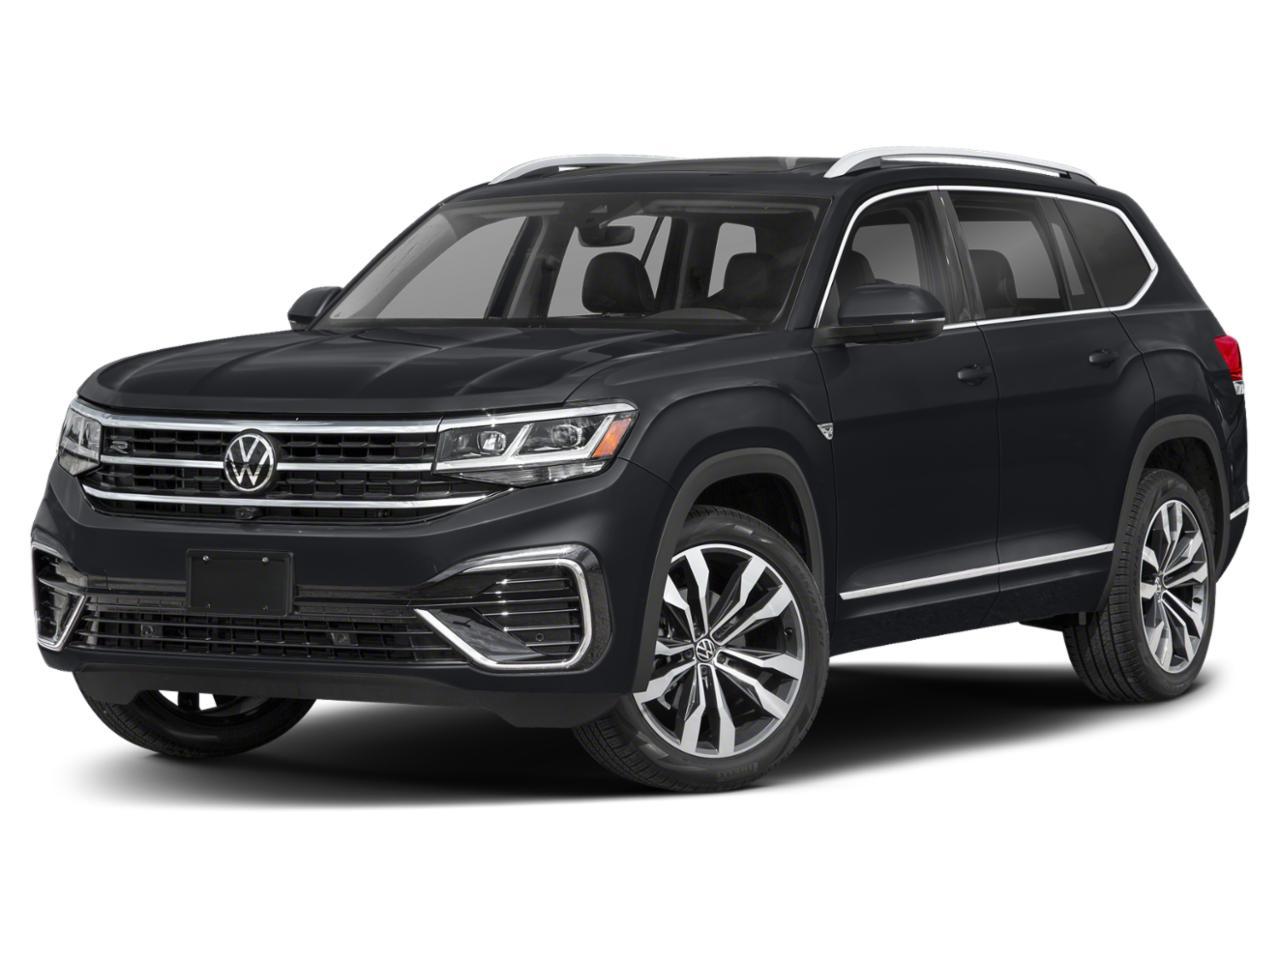 2021 Volkswagen Atlas Vehicle Photo in Colorado Springs, CO 80905